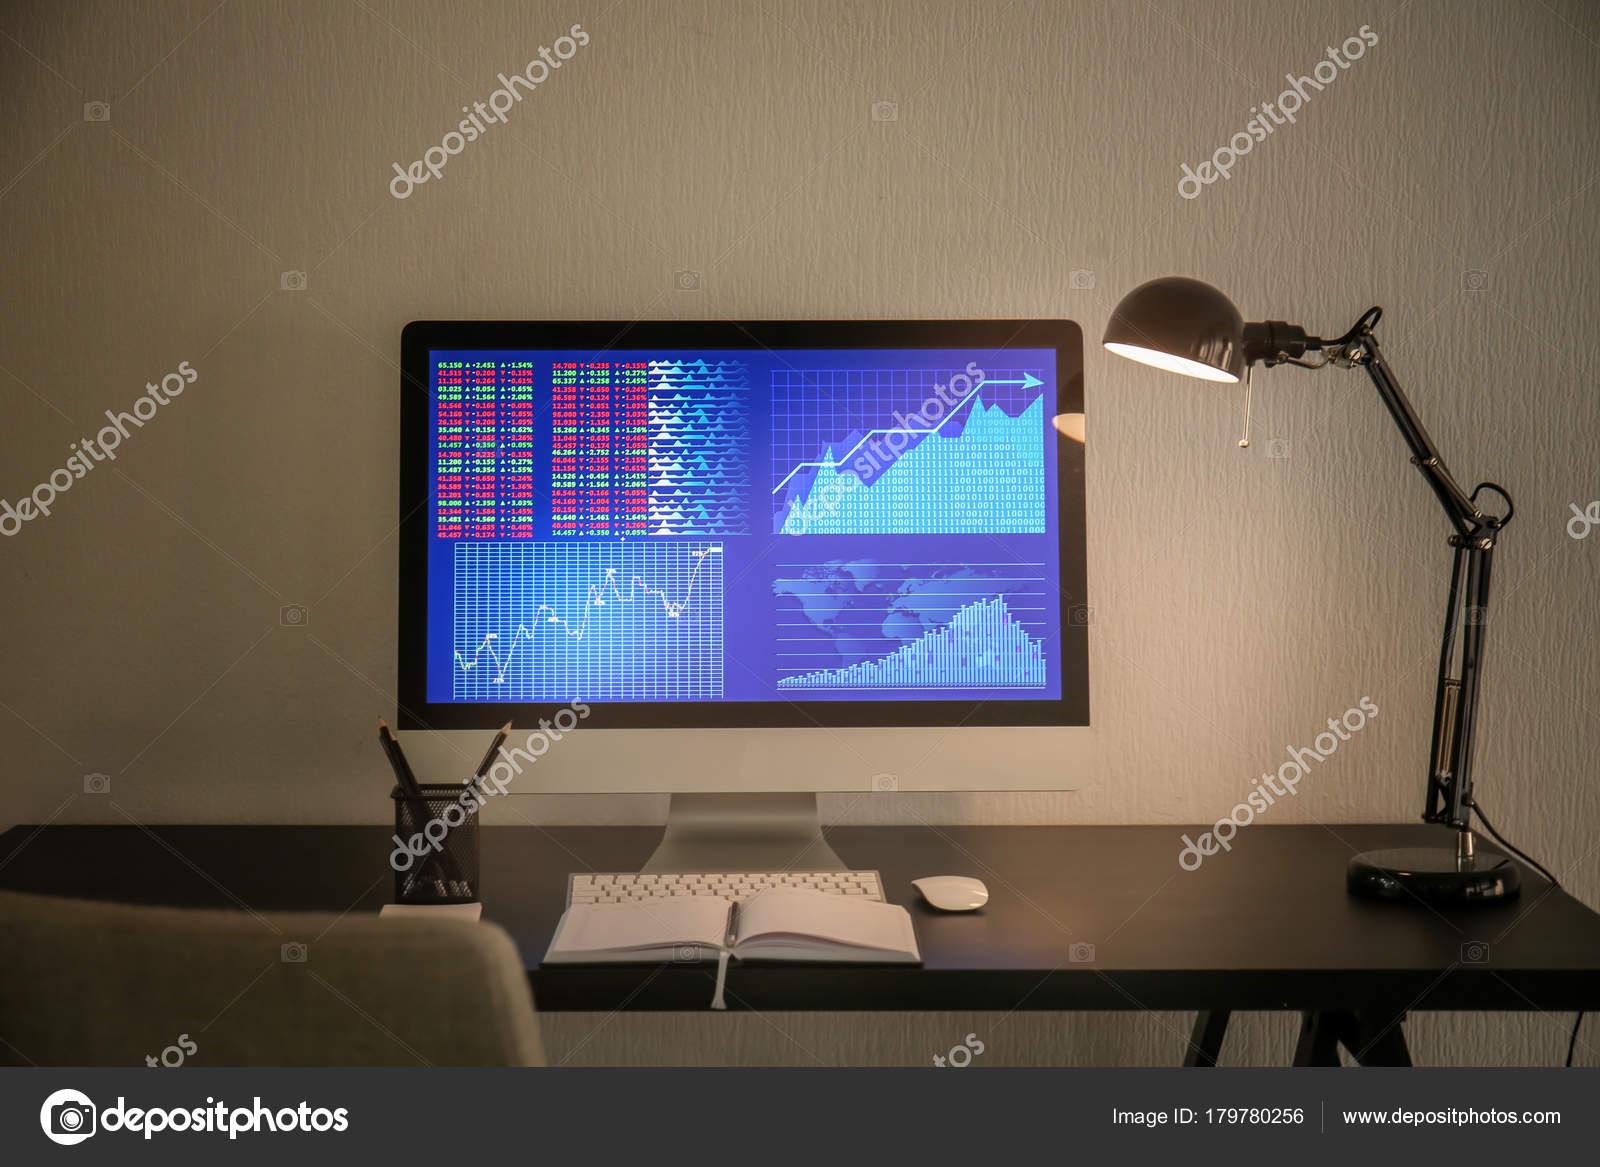 Travail confortable moderne avec ordinateur sur bureau maison